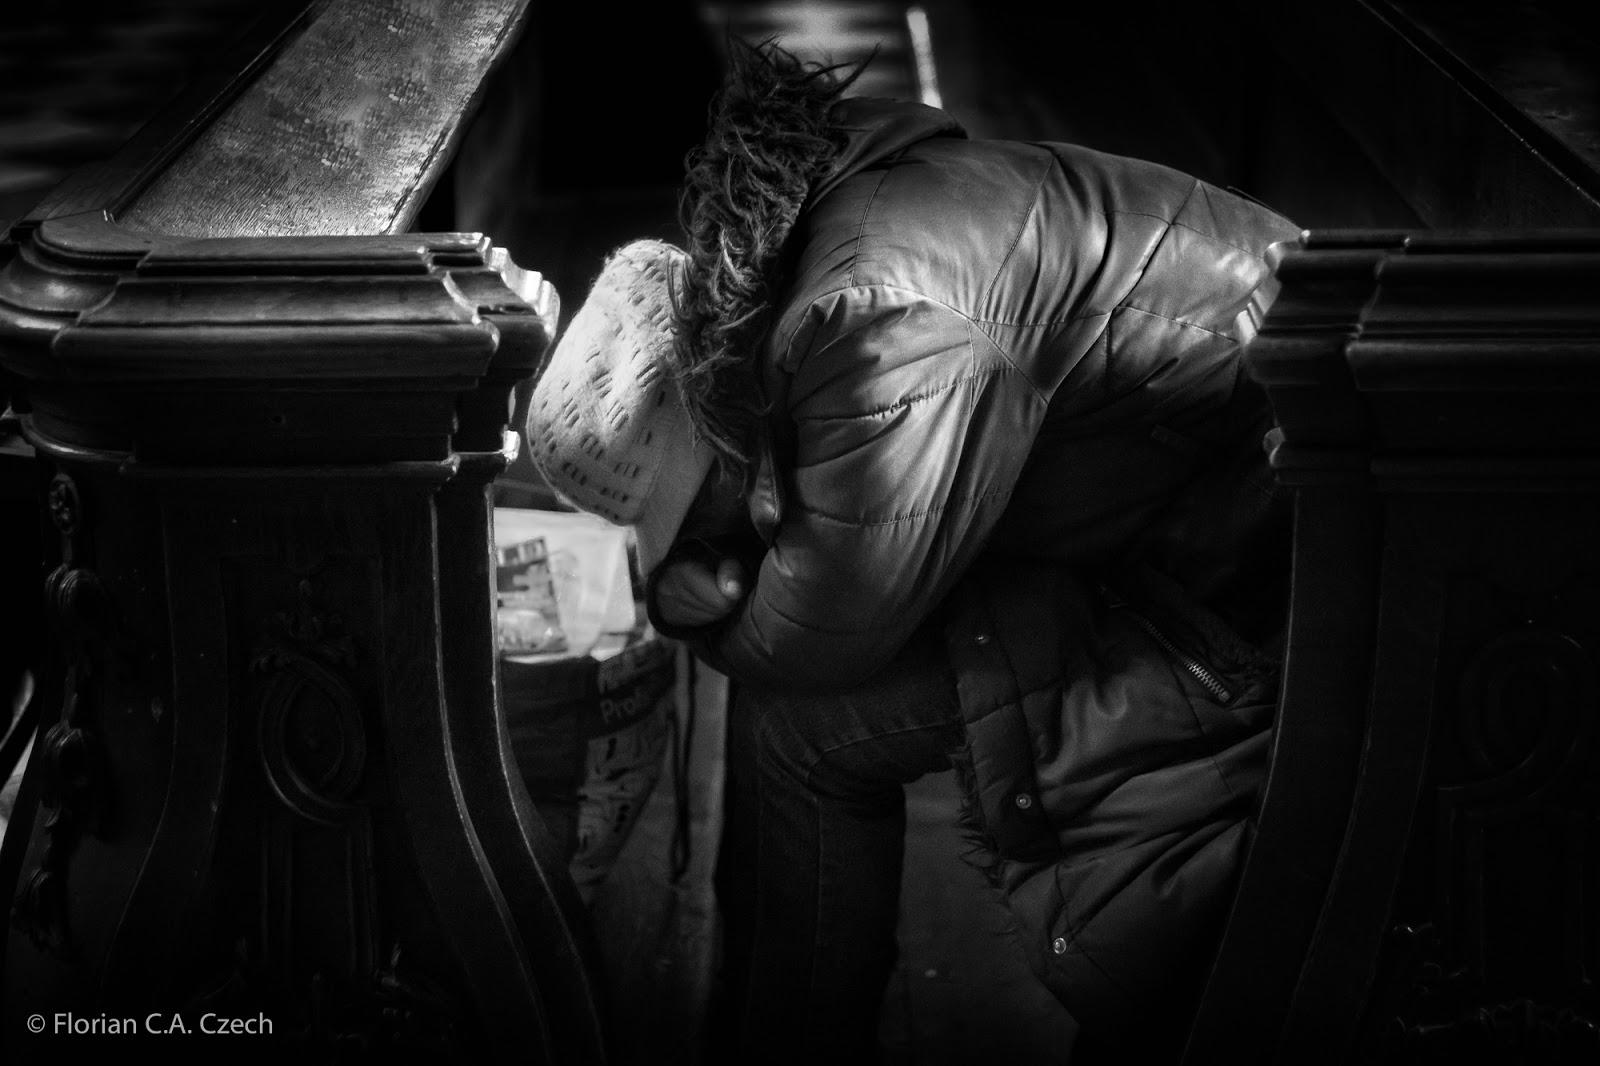 Frau wühlt in einer Mülltonne